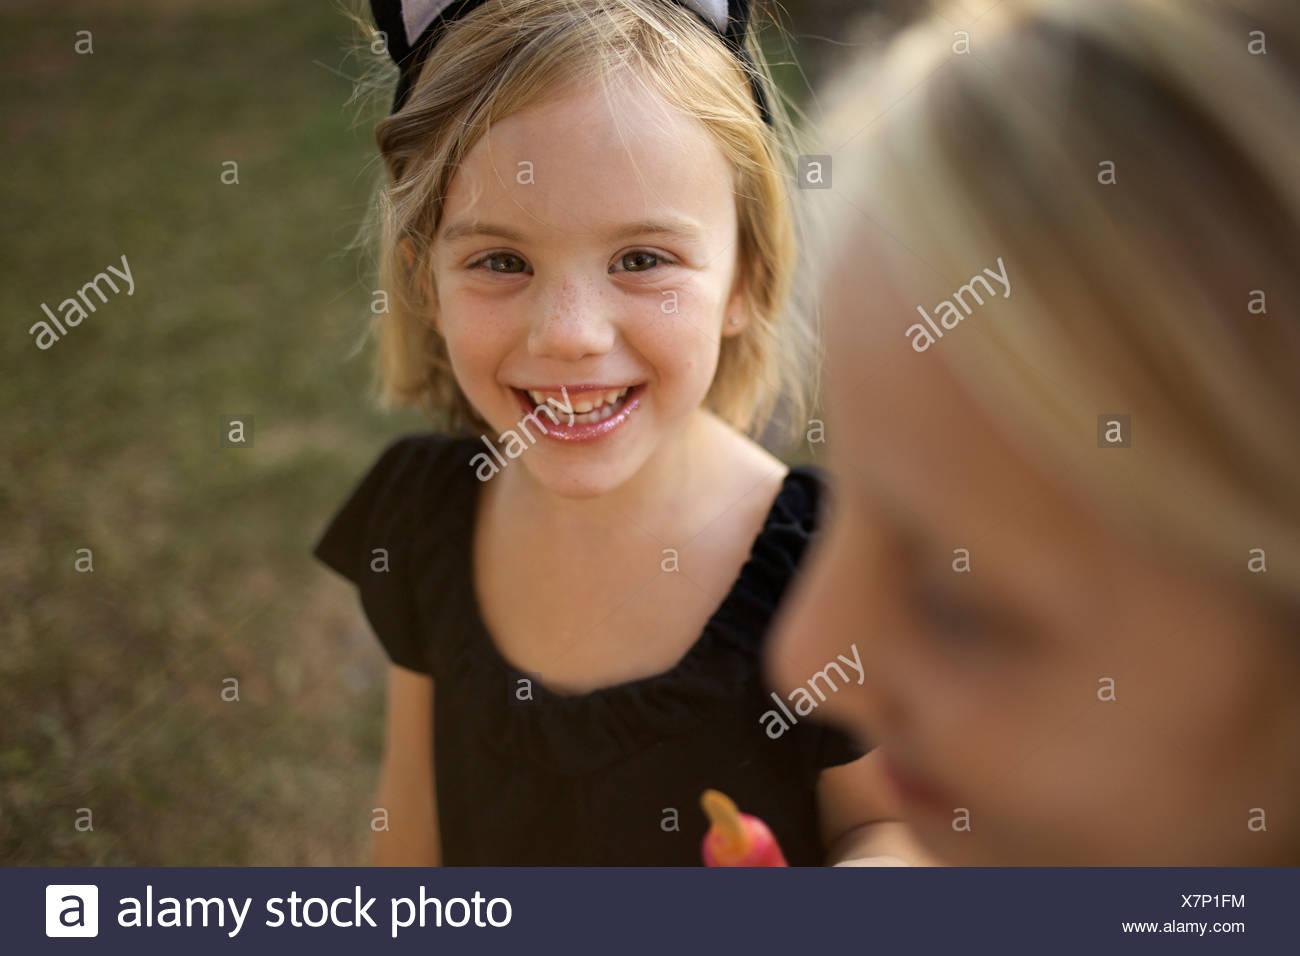 Chica sujetando su tratamiento en frío, vistiendo cat orejas, mira a la cámara y sonríe. Imagen De Stock